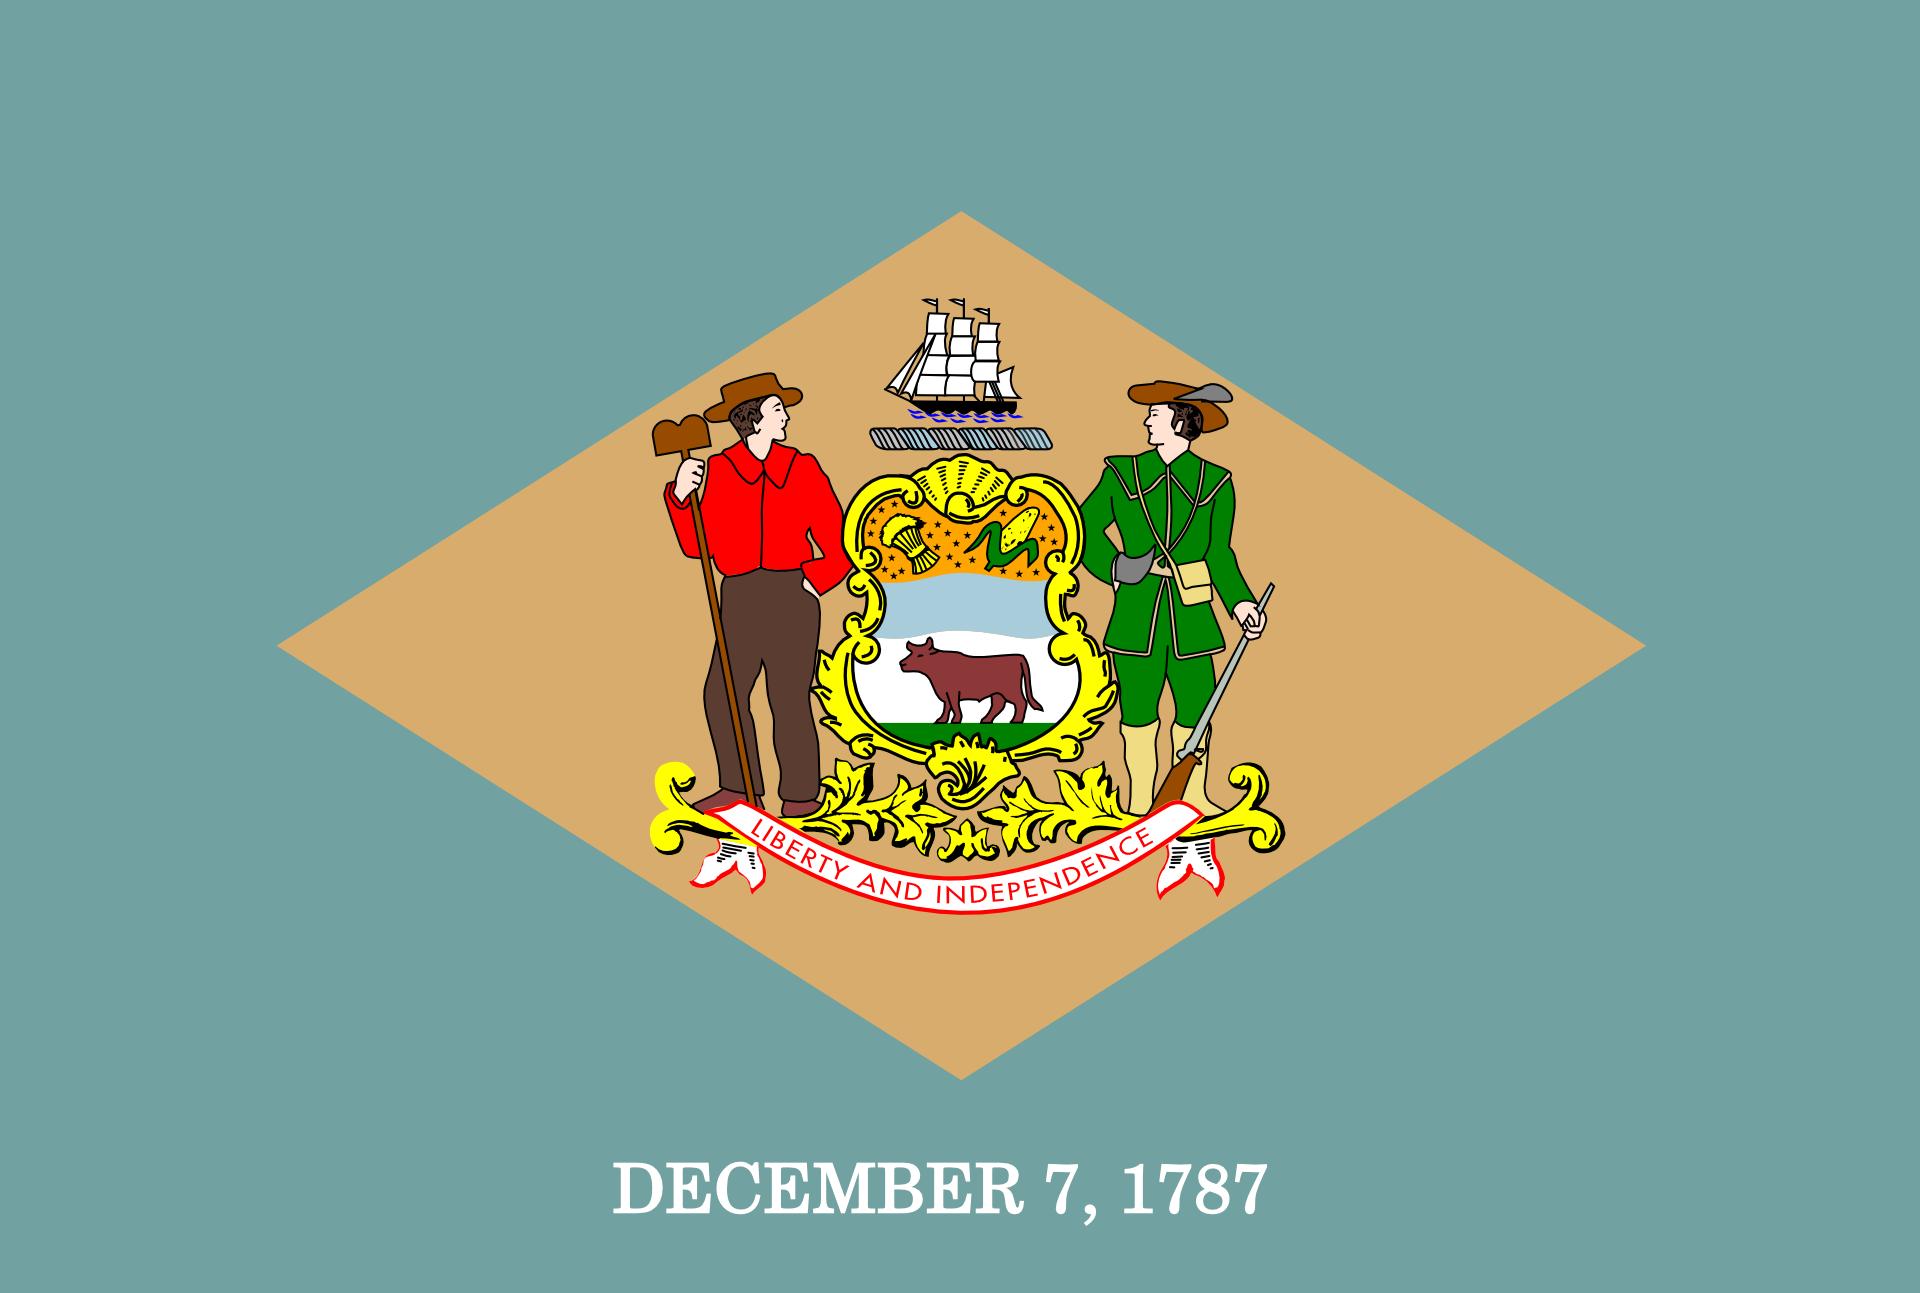 DE's state flag